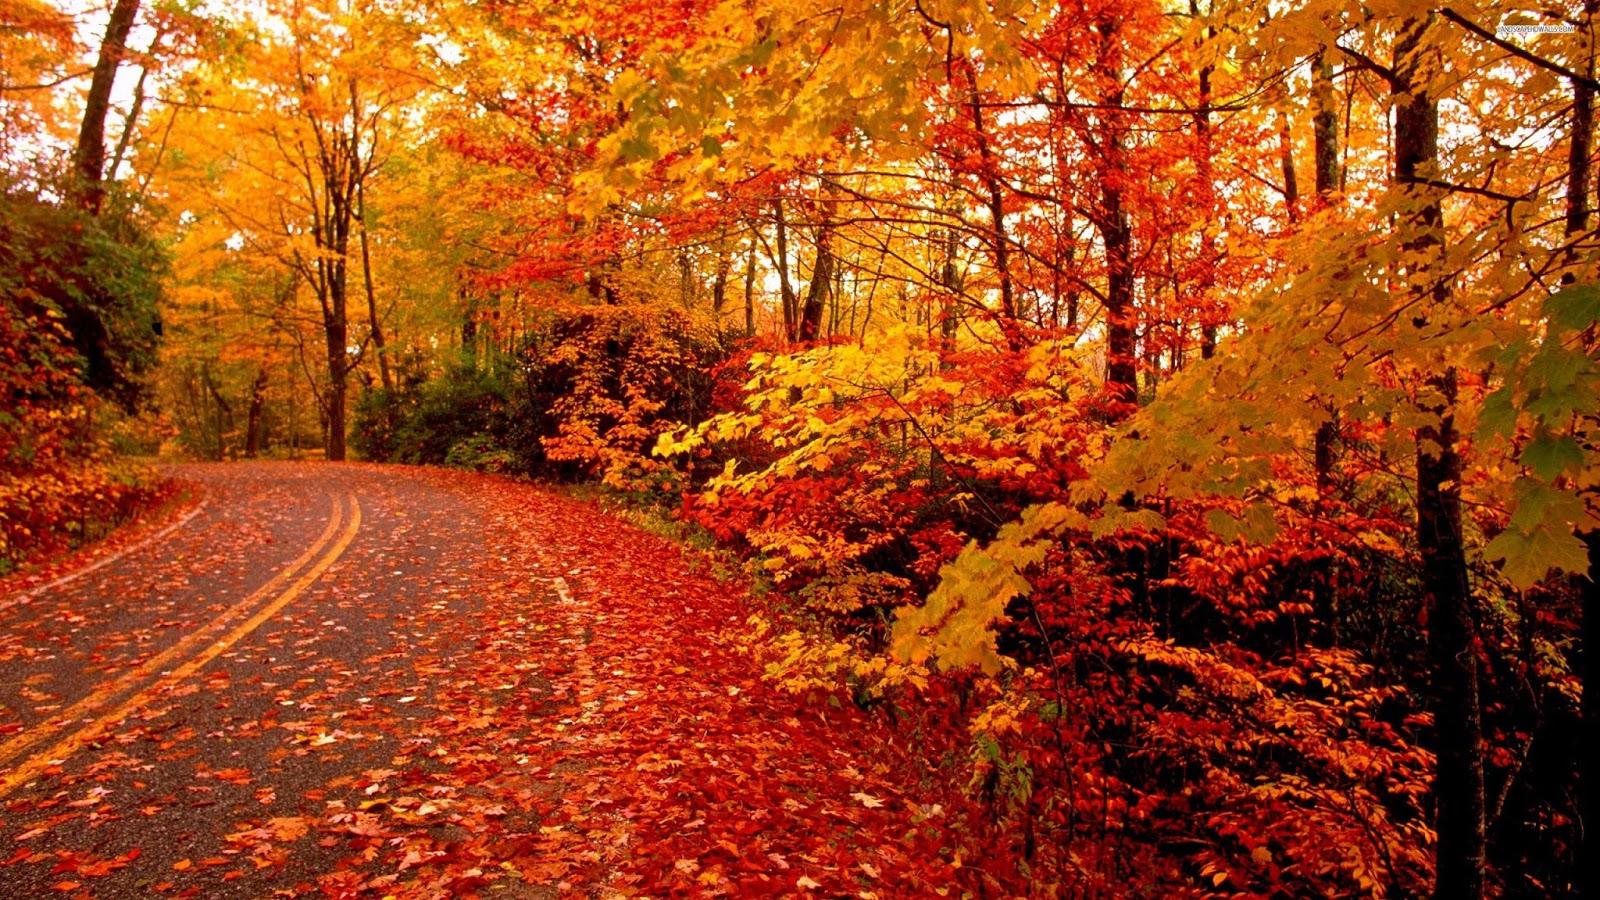 foto de Fond d'écran automne hd gratuit Fond d'écran hd